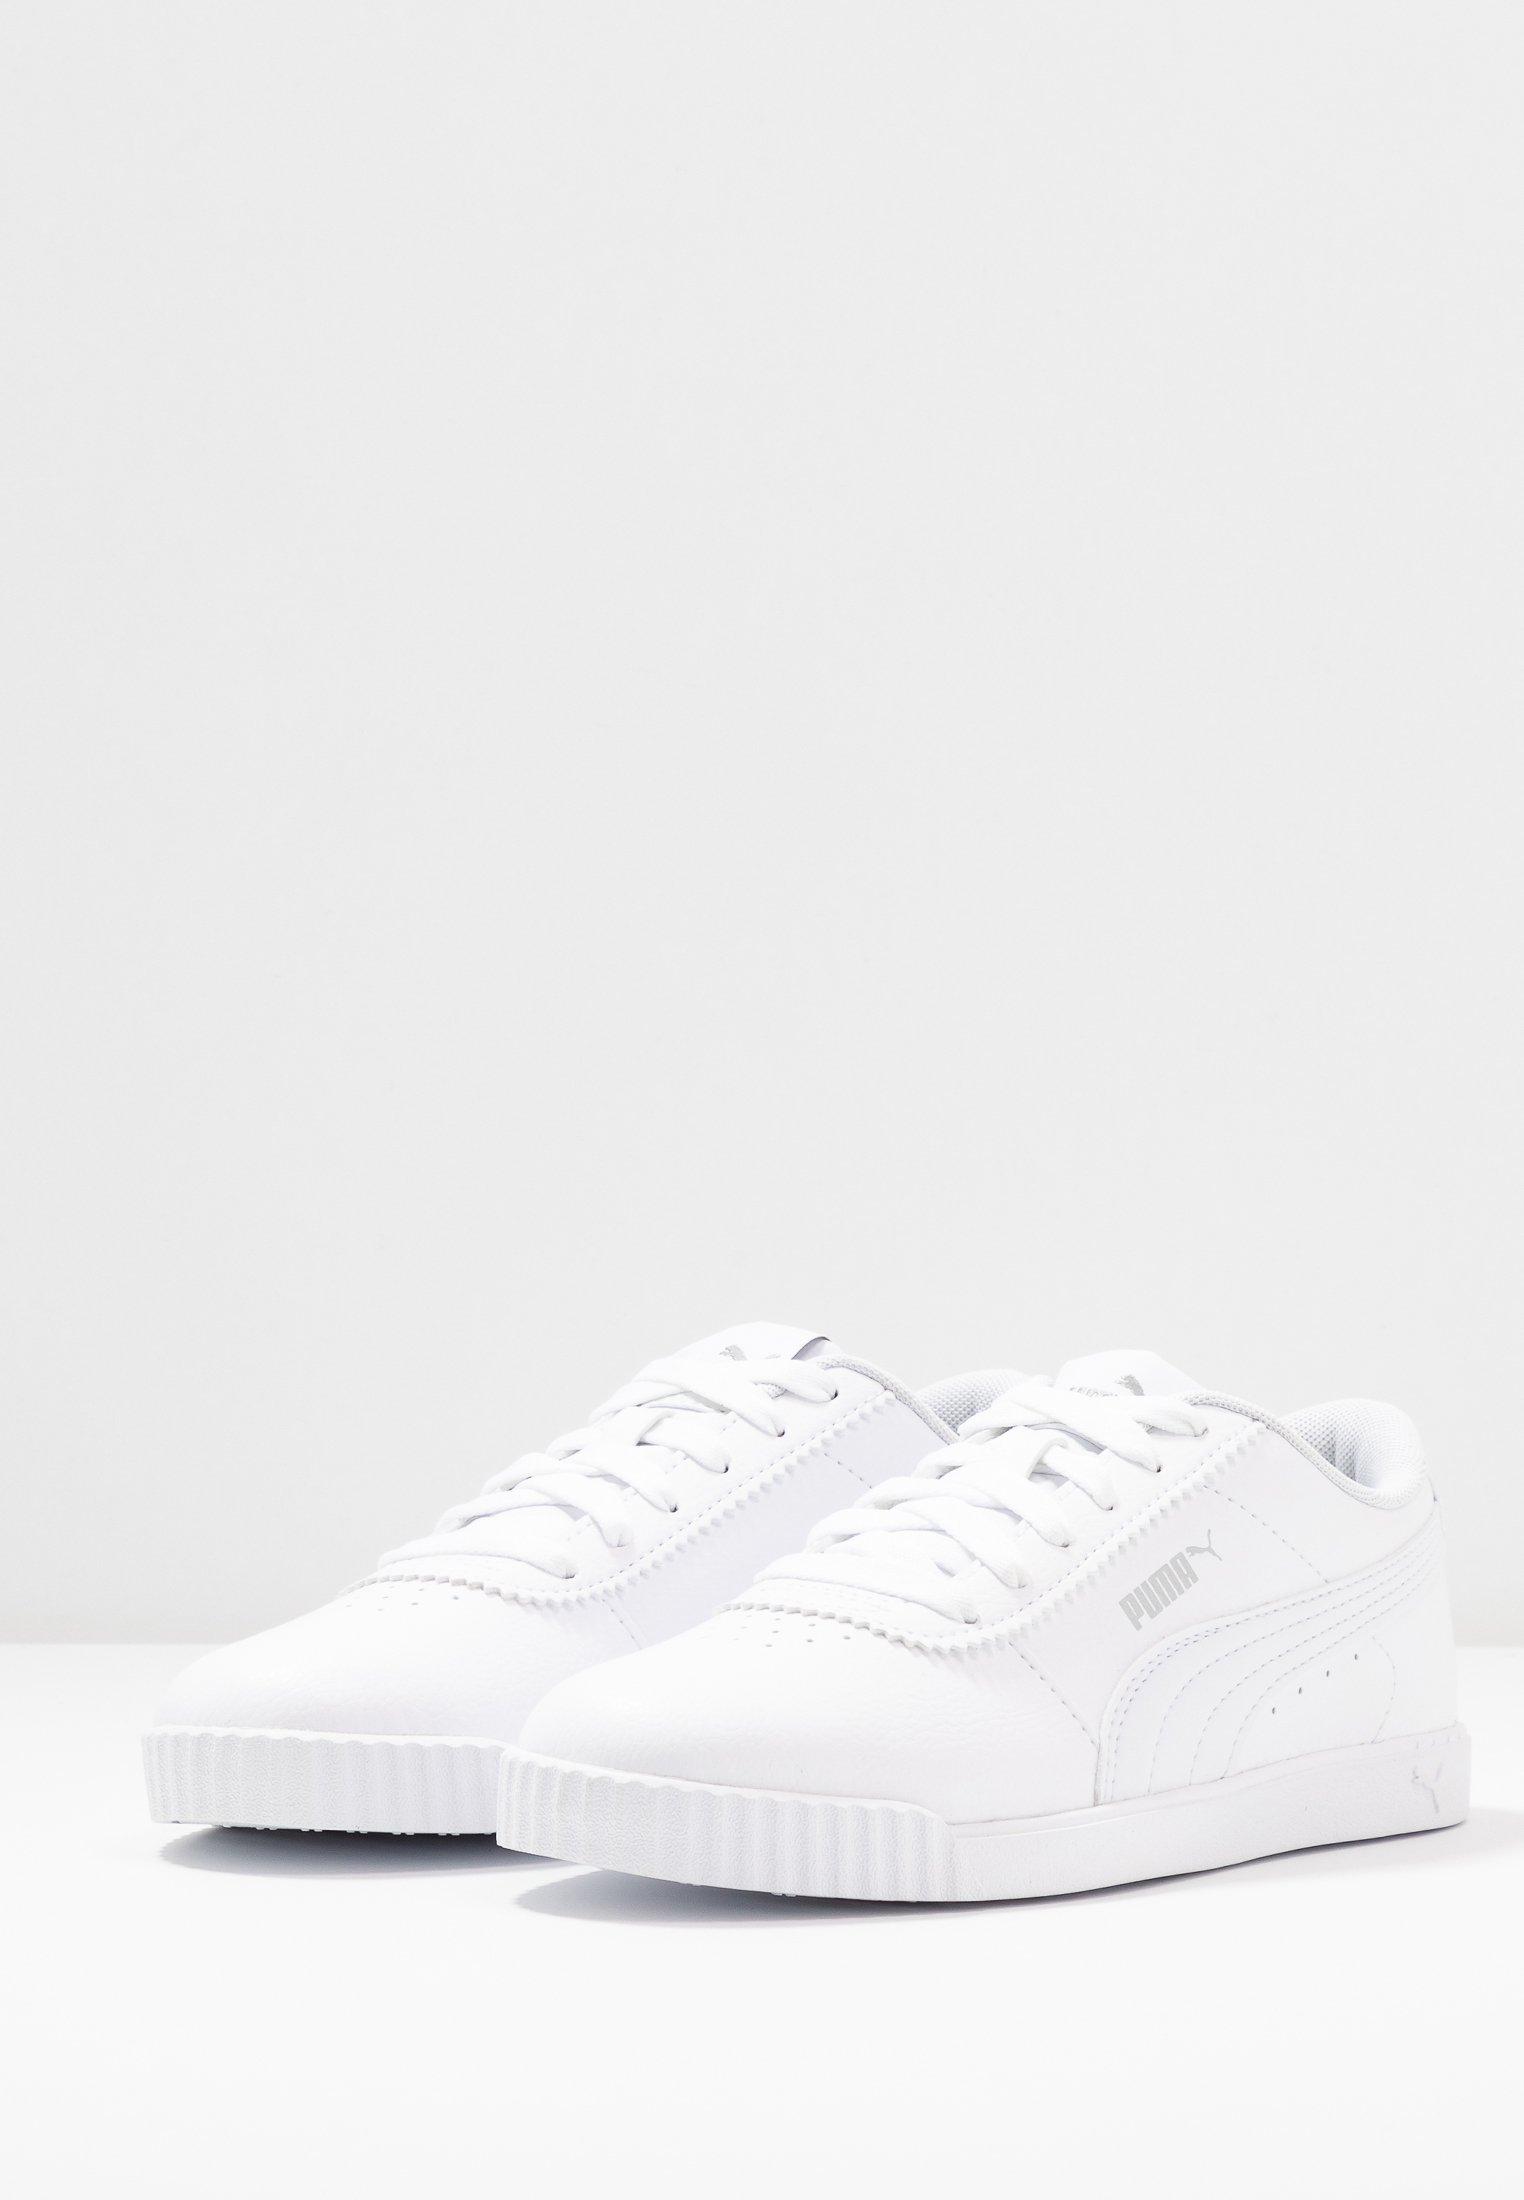 Puma CARINA SLIM FIT - Baskets basses - white/blanc - ZALANDO.FR